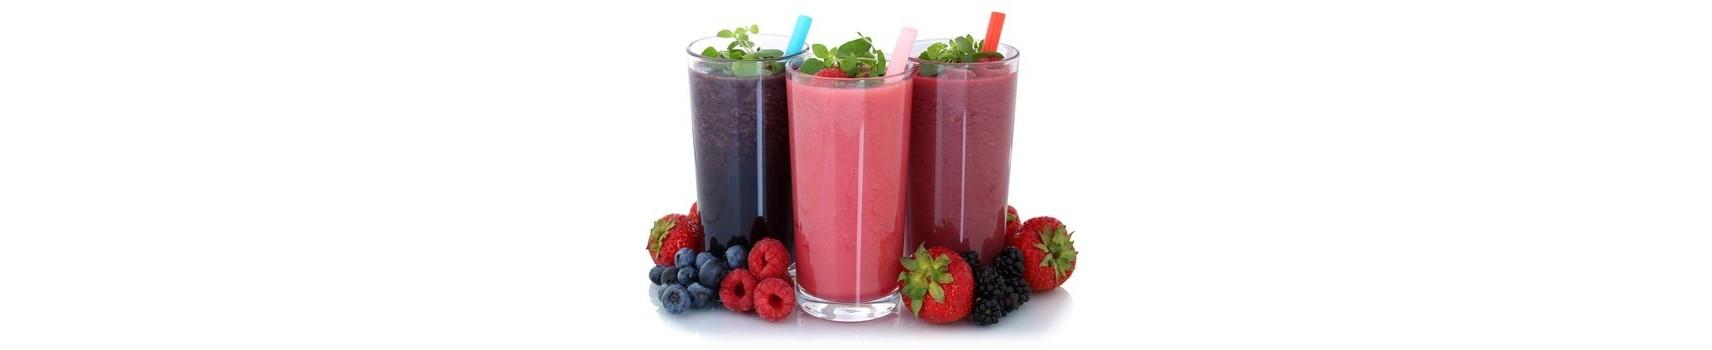 Pasteurised sweetened fruit puree